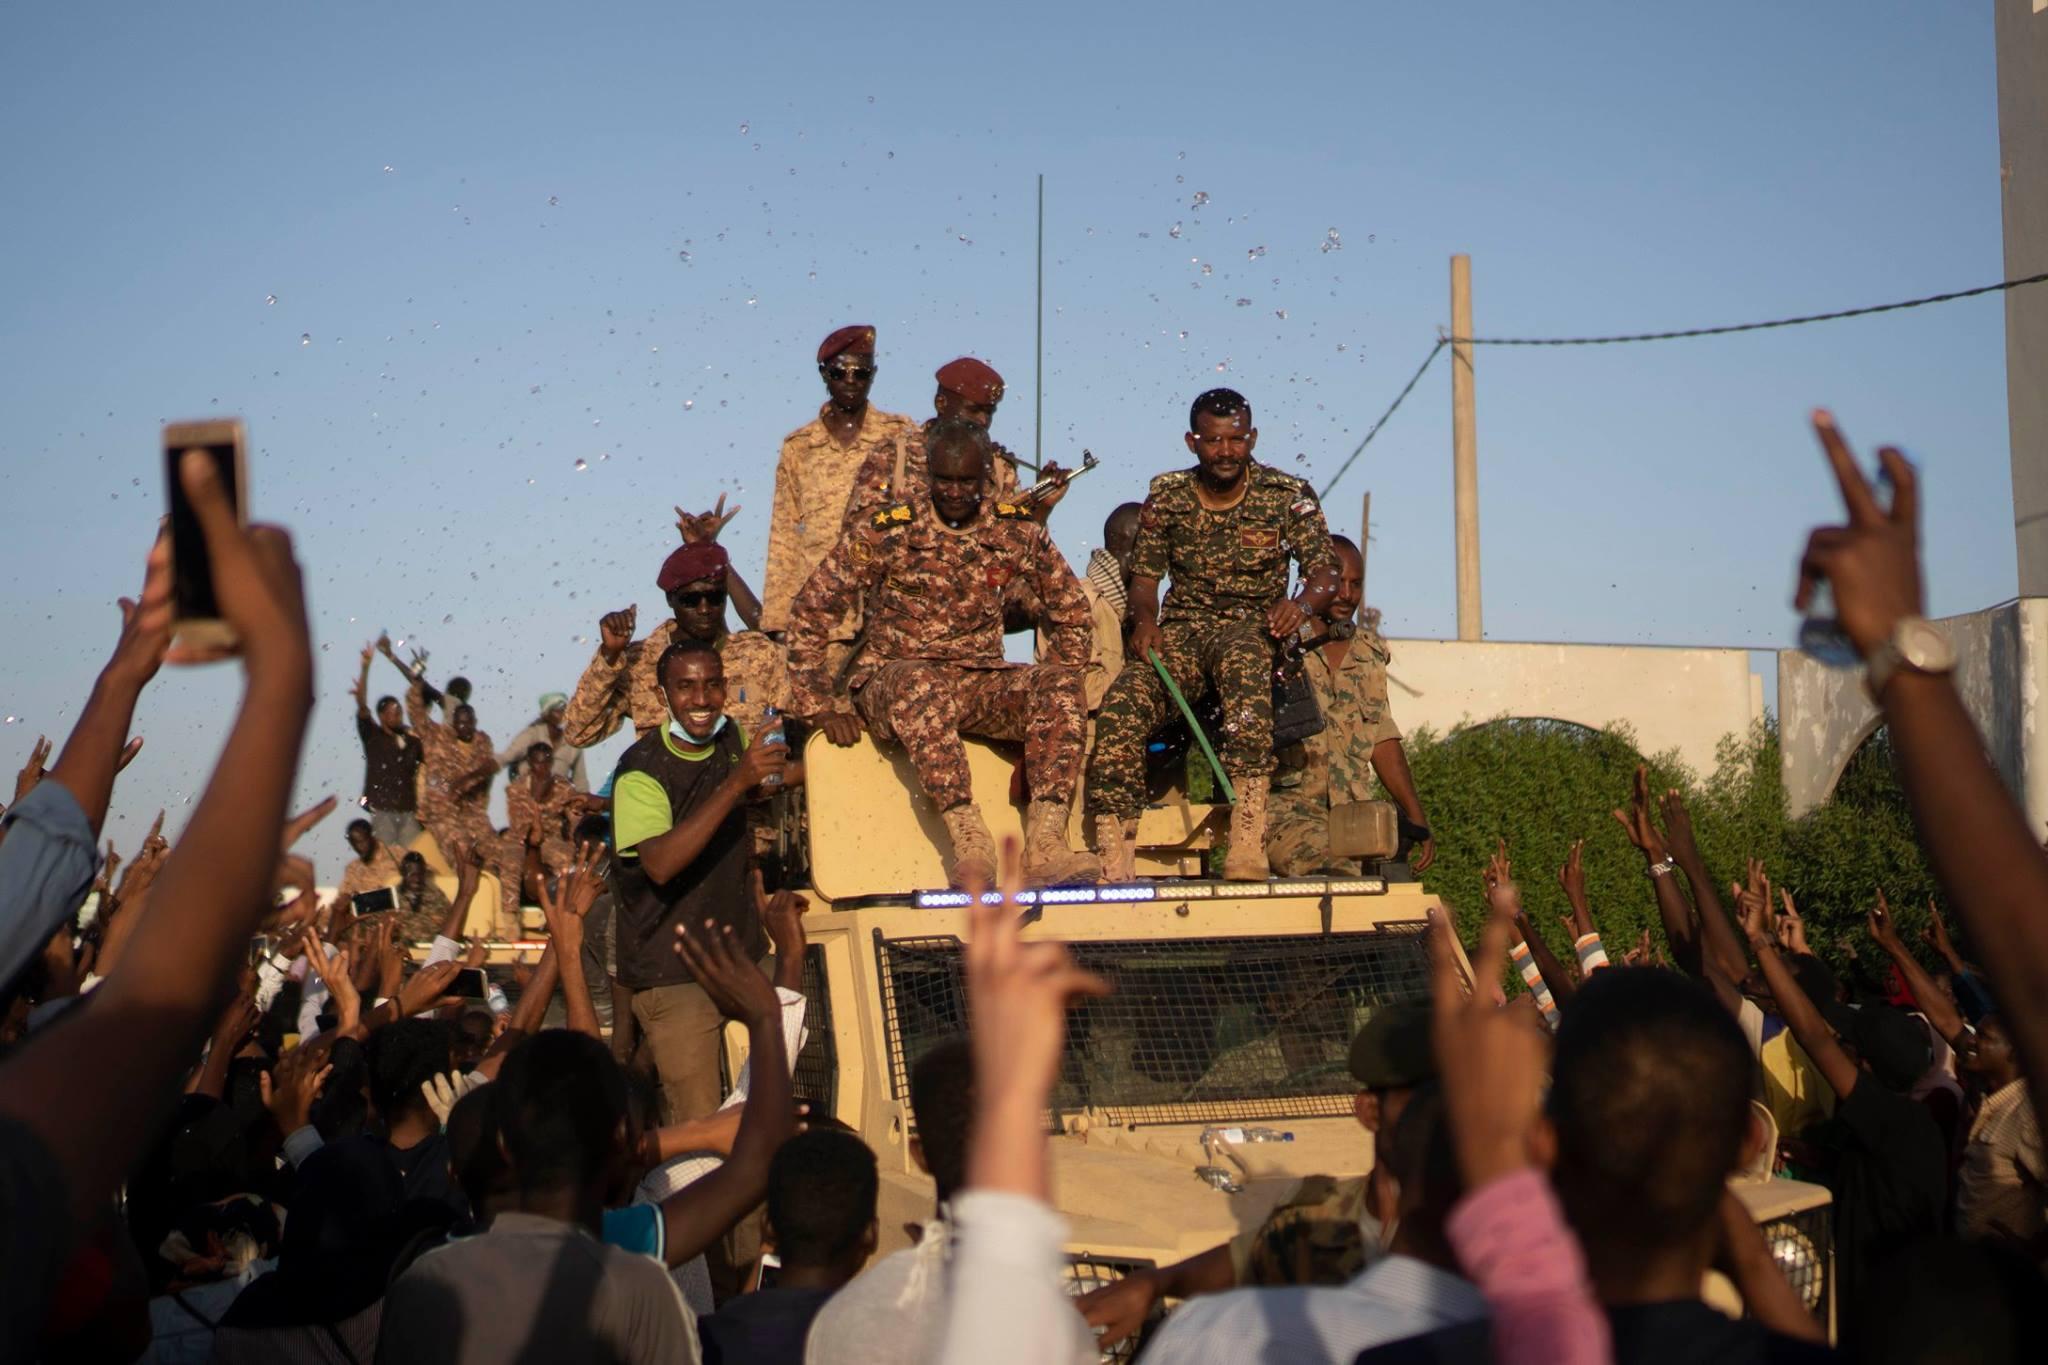 Il Sudan alla ricerca della democrazia, tra retaggi militari e risveglio giovanile